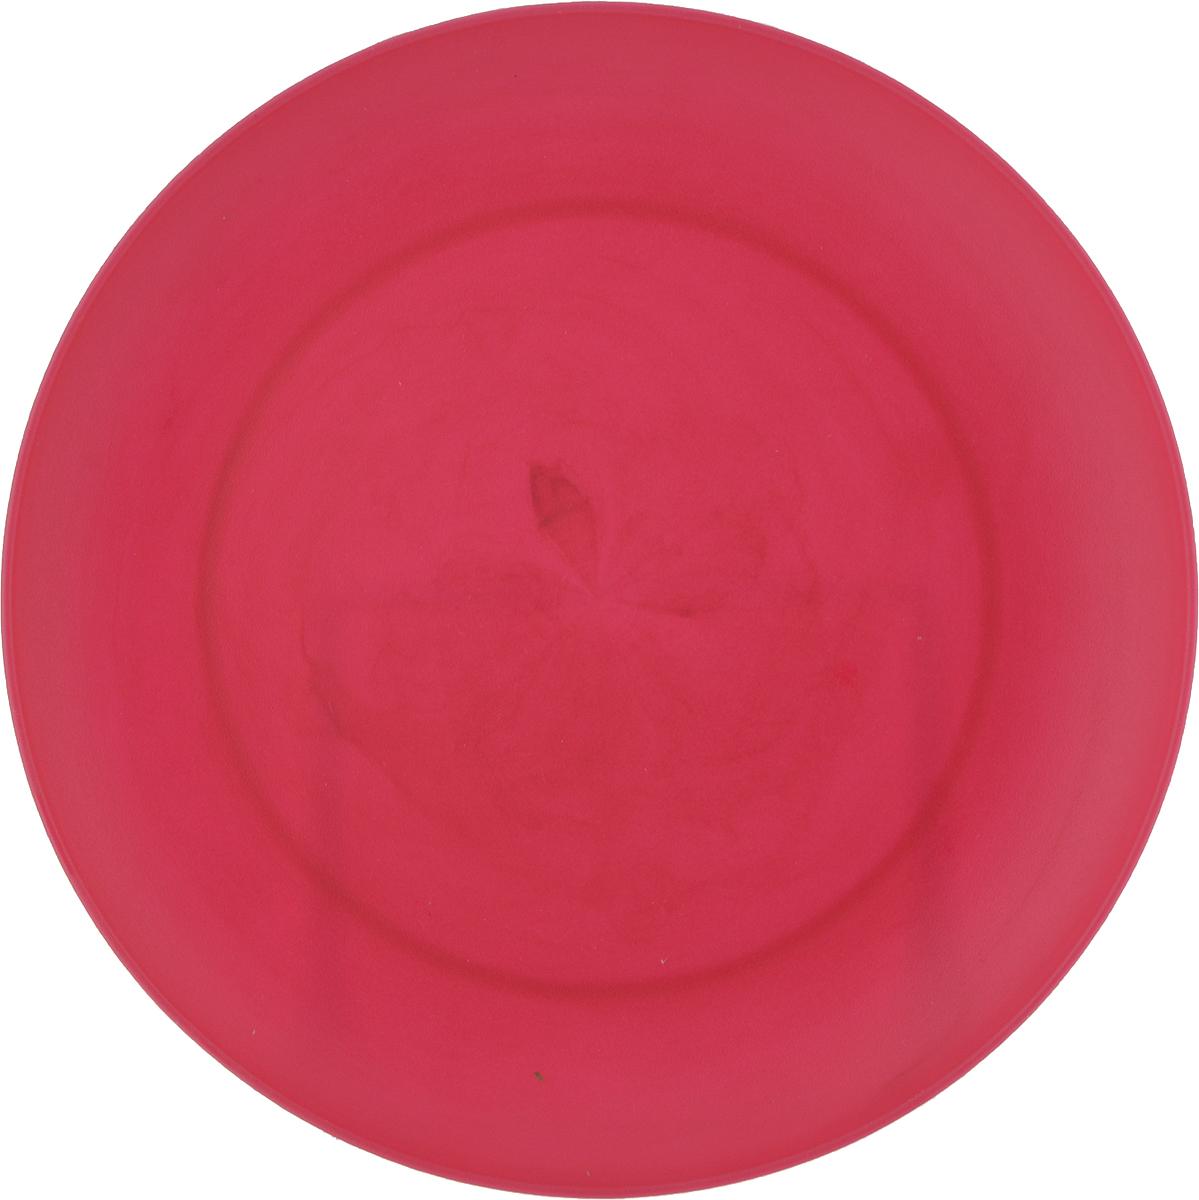 Тарелка Gotoff, цвет: малиновый, диаметр 20,3 смWTC-271_малиновыйТарелка Gotoff изготовлена из цветного пищевого полипропилена и предназначена дляхолодной и горячей пищи. Выдерживает температурный режим в пределах от -25°Сдо +110°C. Посуду из пластика можно использовать в микроволновой печи, но необходимо, чтобы нагрев непревышал максимально допустимую температуру.Удобная, легкая и практичная посуда дляпикника и дачи поможет сервировать стол без хлопот! Диаметр тарелки (по верхнему краю): 20,3 см.Высота тарелки: 2 см.